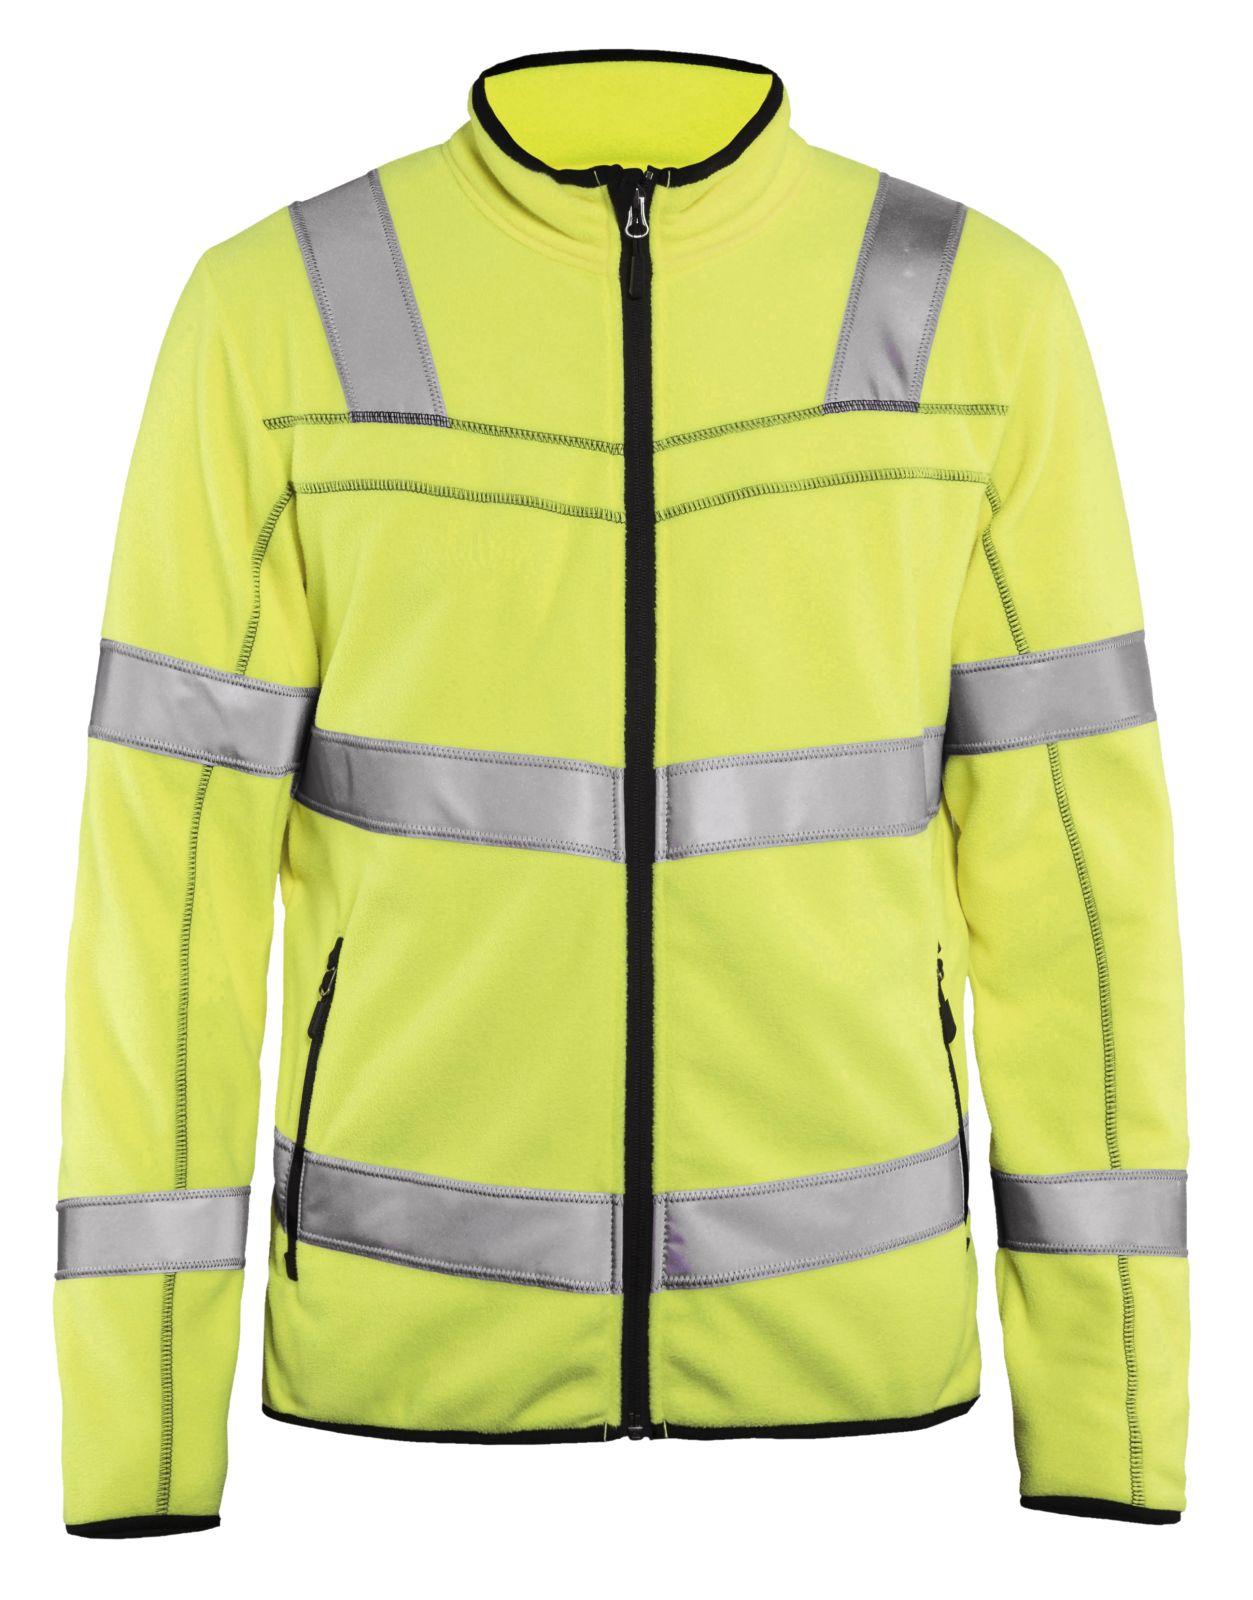 Blaklader Fleece vesten 49411010 High Vis geel(3300)